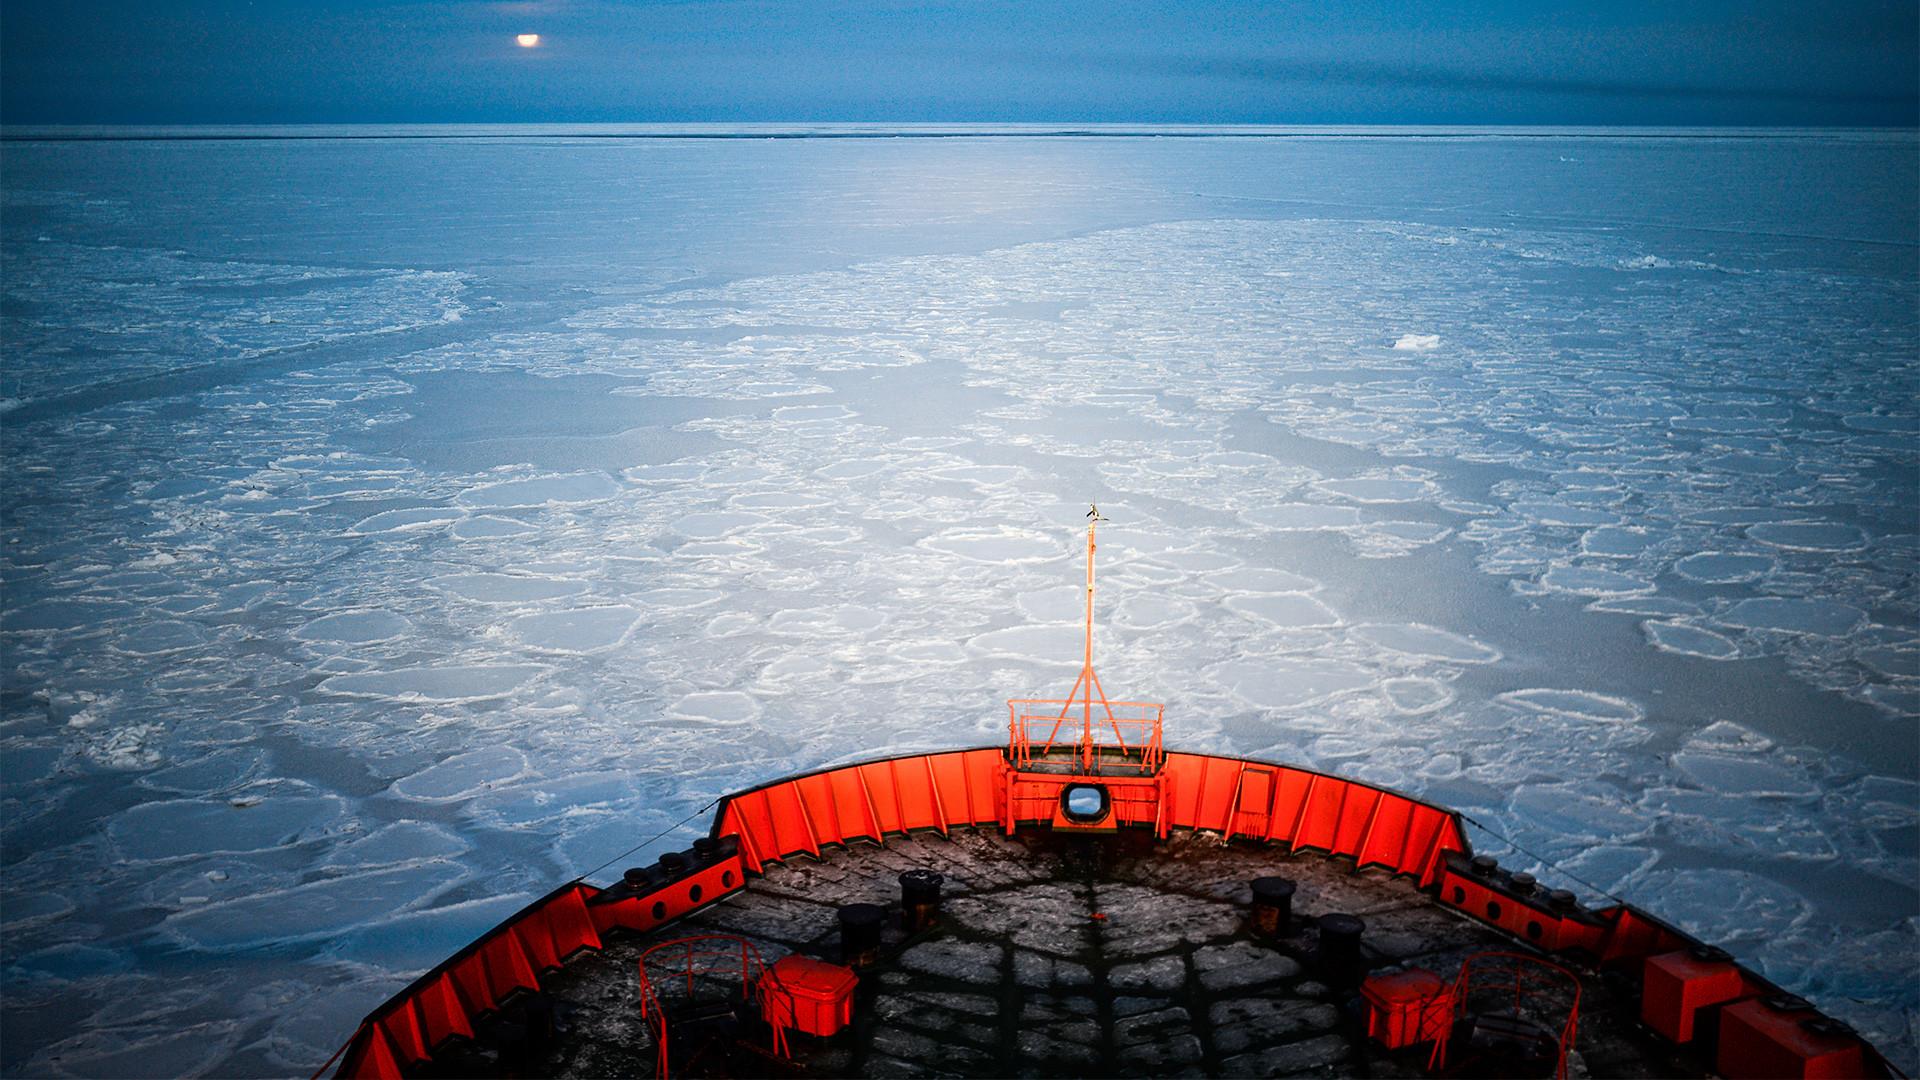 """Атомният ледоразбивач """"Арктика"""" отплава в ледените арктически води, 18.10.2013 г."""